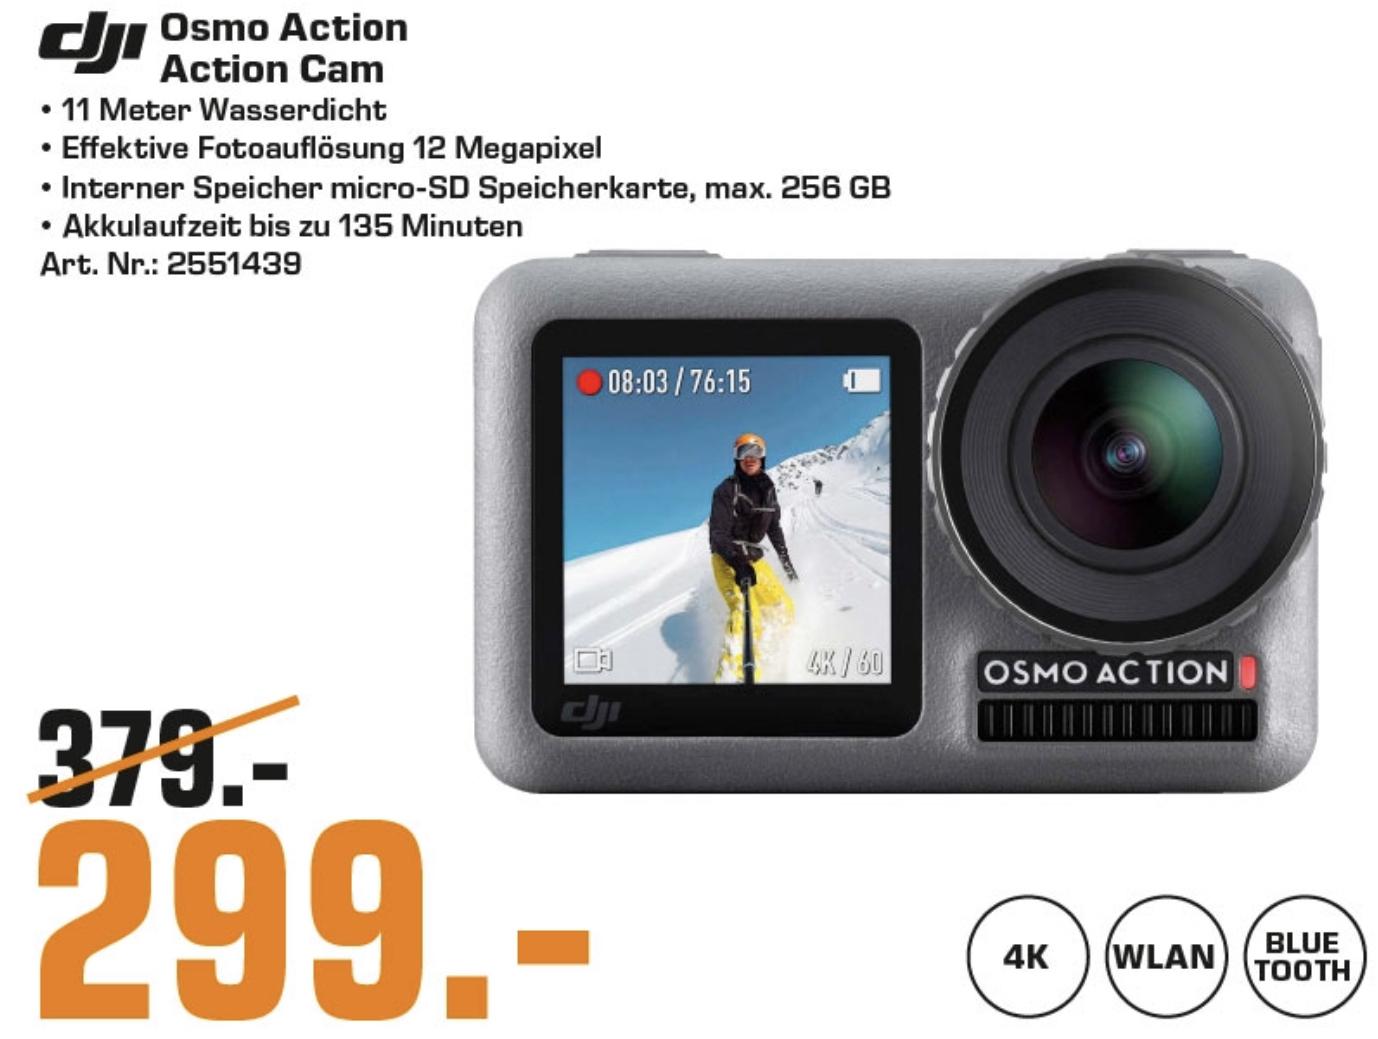 Lokal Saturn Wolfsburg: DJI Osmo 4K Action Cam für 299€ / Huawei Medipad M5 LTE 249€ / Devolo 9716 für 69€ / Samsung Gear S3 Frontier 149€